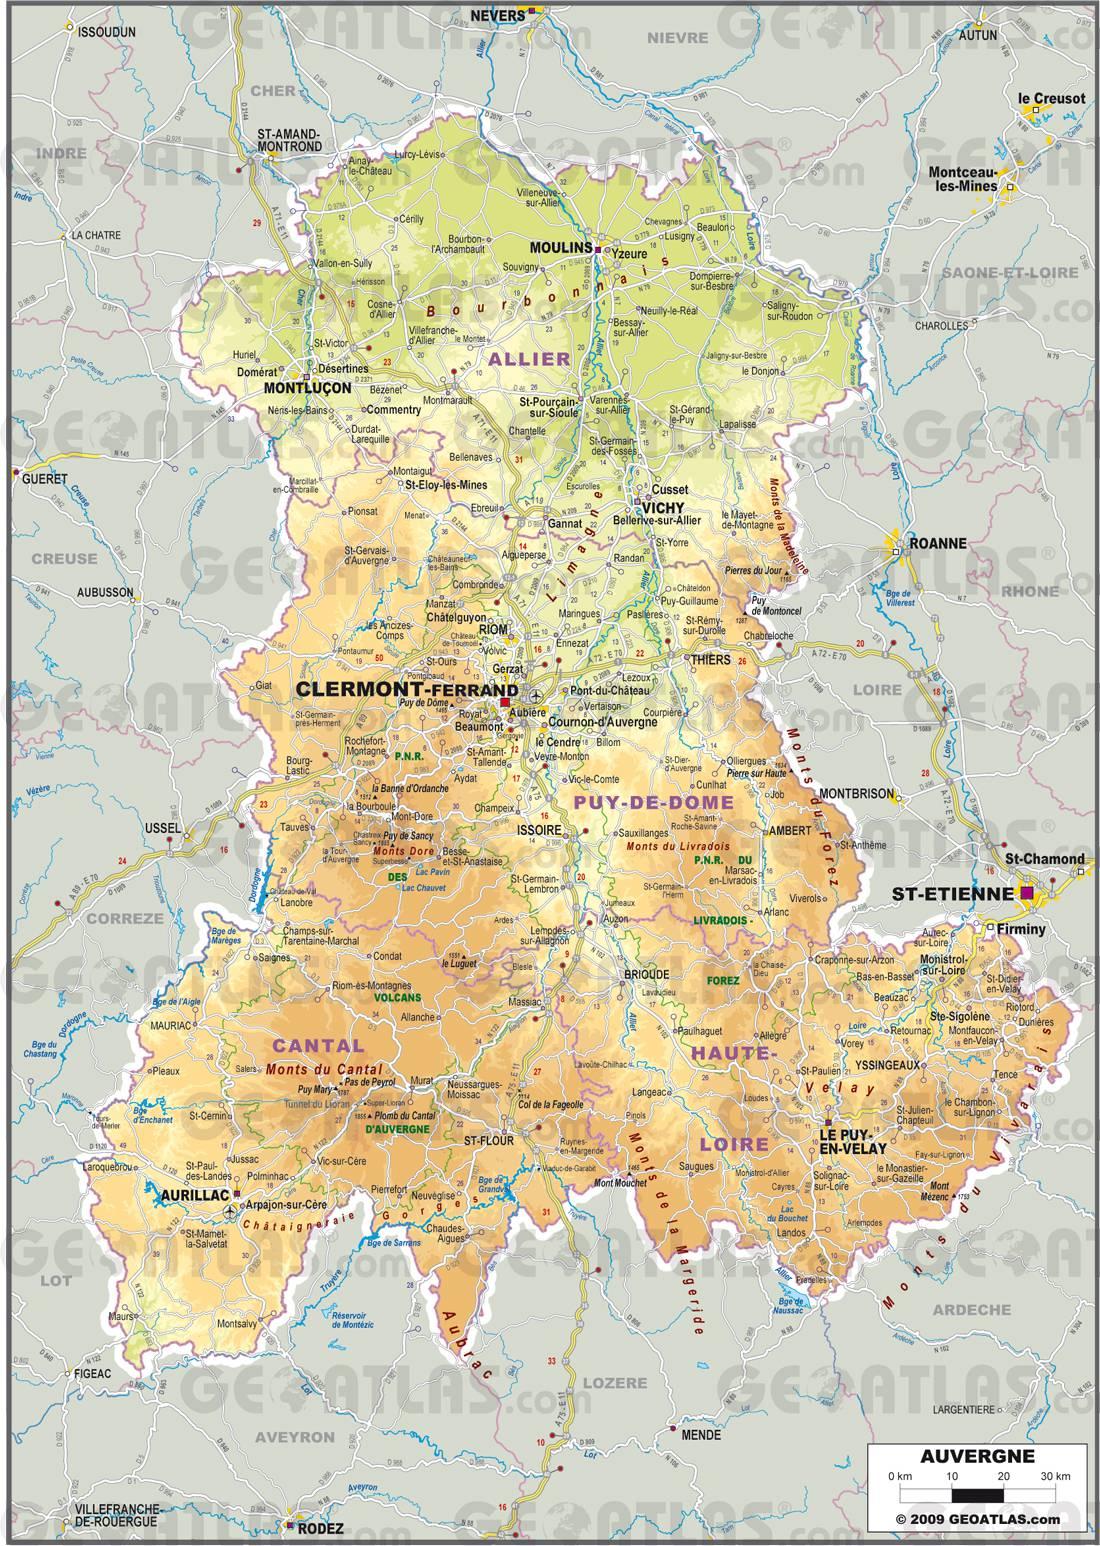 Auvergne carte